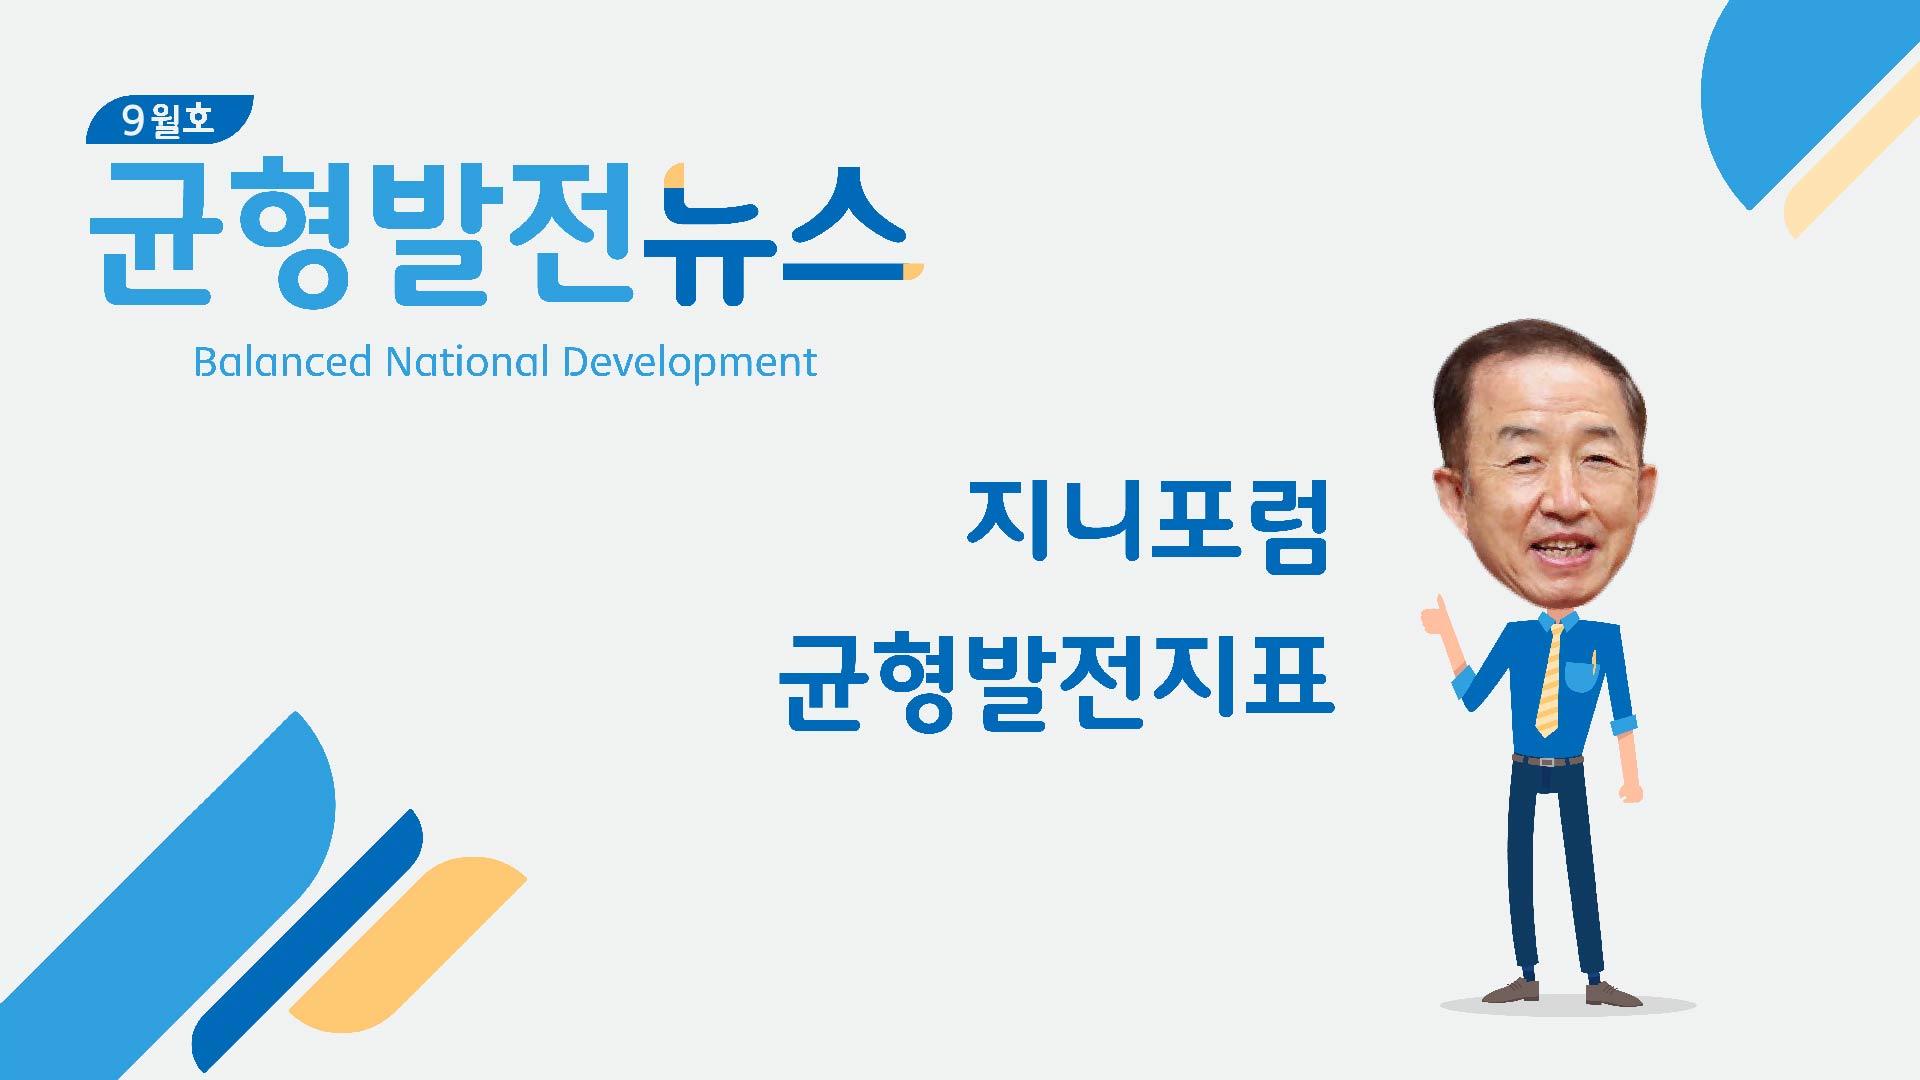 [균형발전NEWS] 9월 호